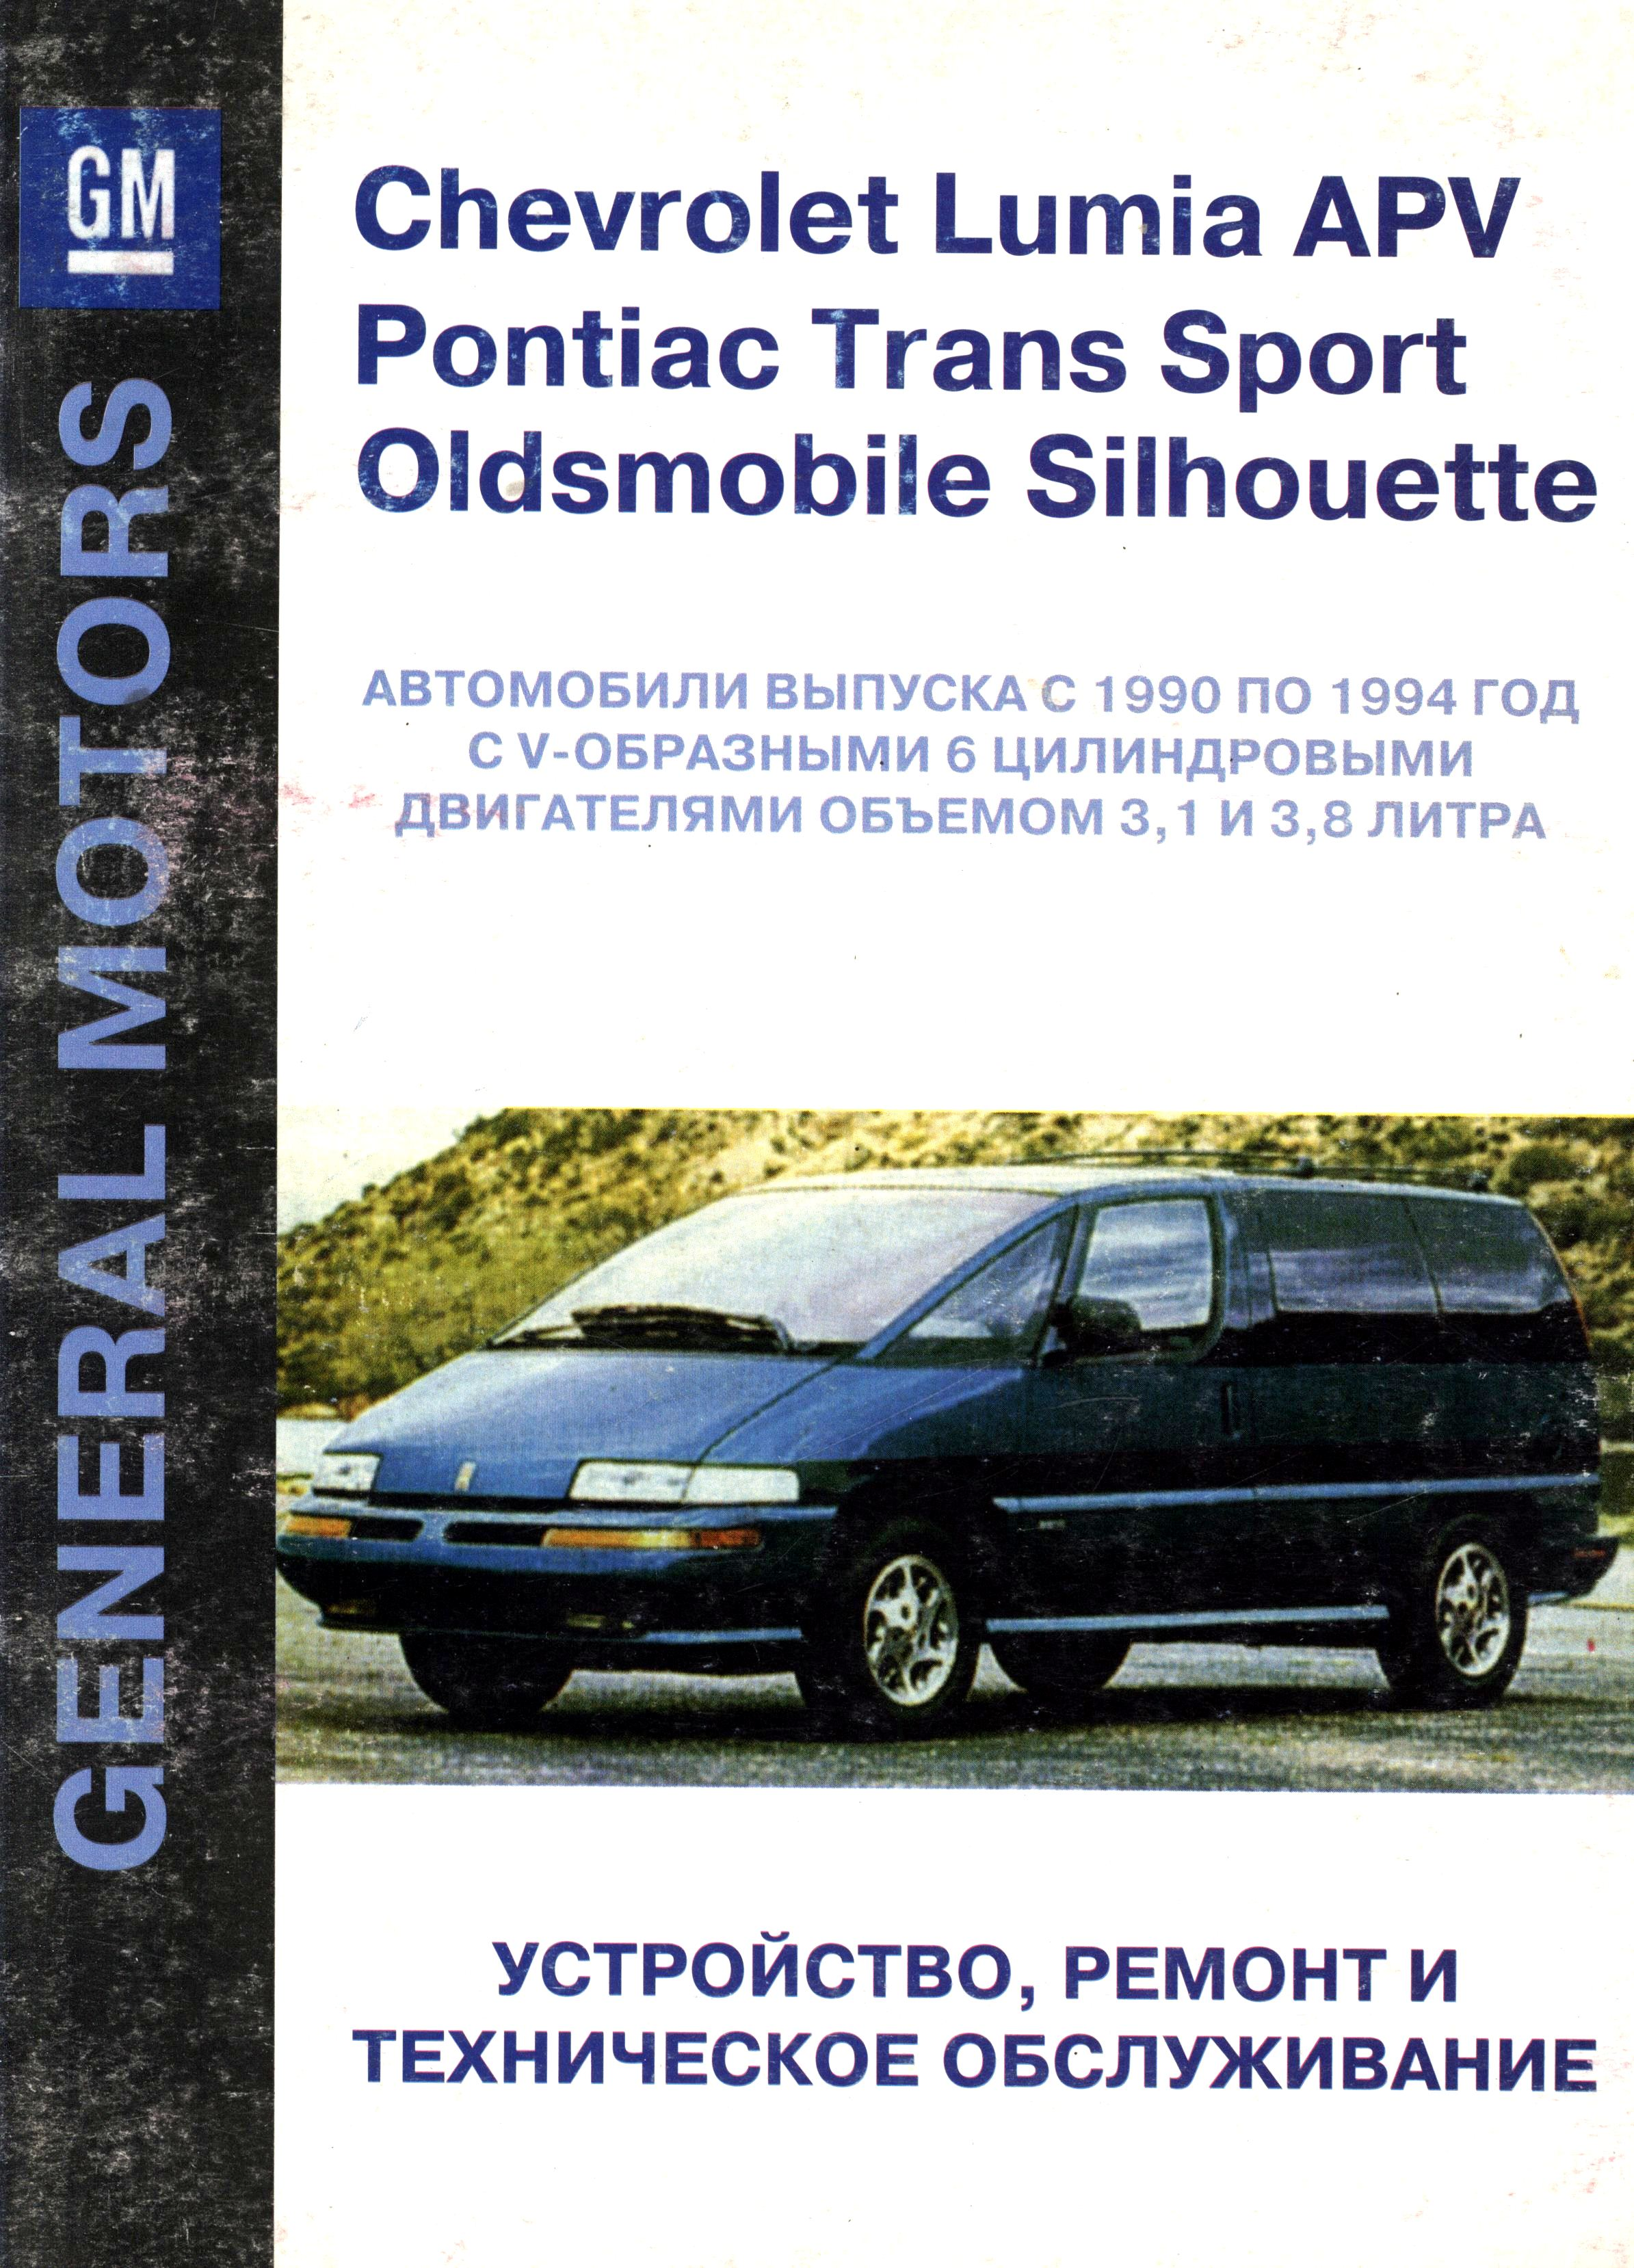 PONTIAC TRANS SPORT 1990-1994 Справочник по ремонту и техническокму обслуживанию